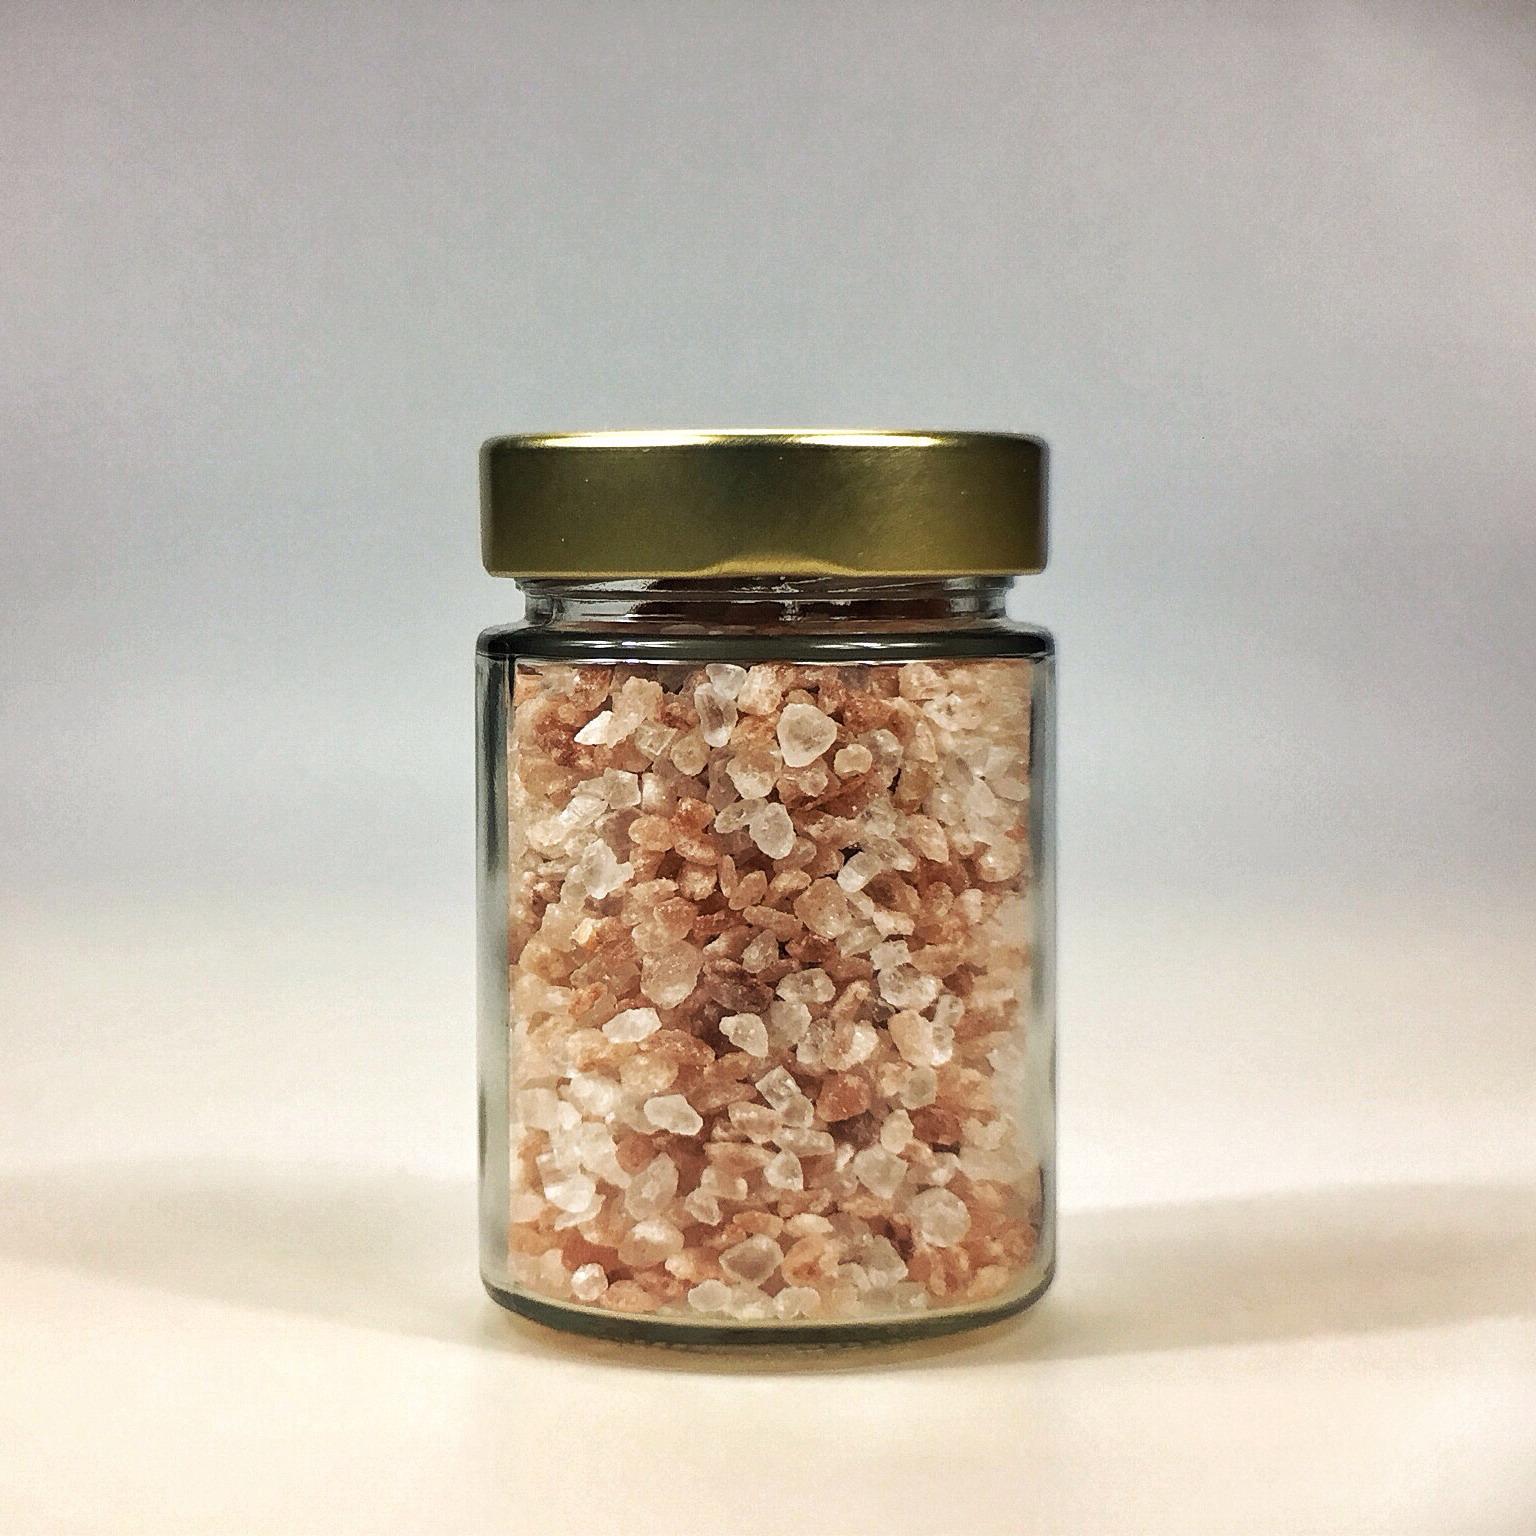 Himalaya Salz grob gemahlen für Salzmühle im kleinen Glas mit Golddeckel